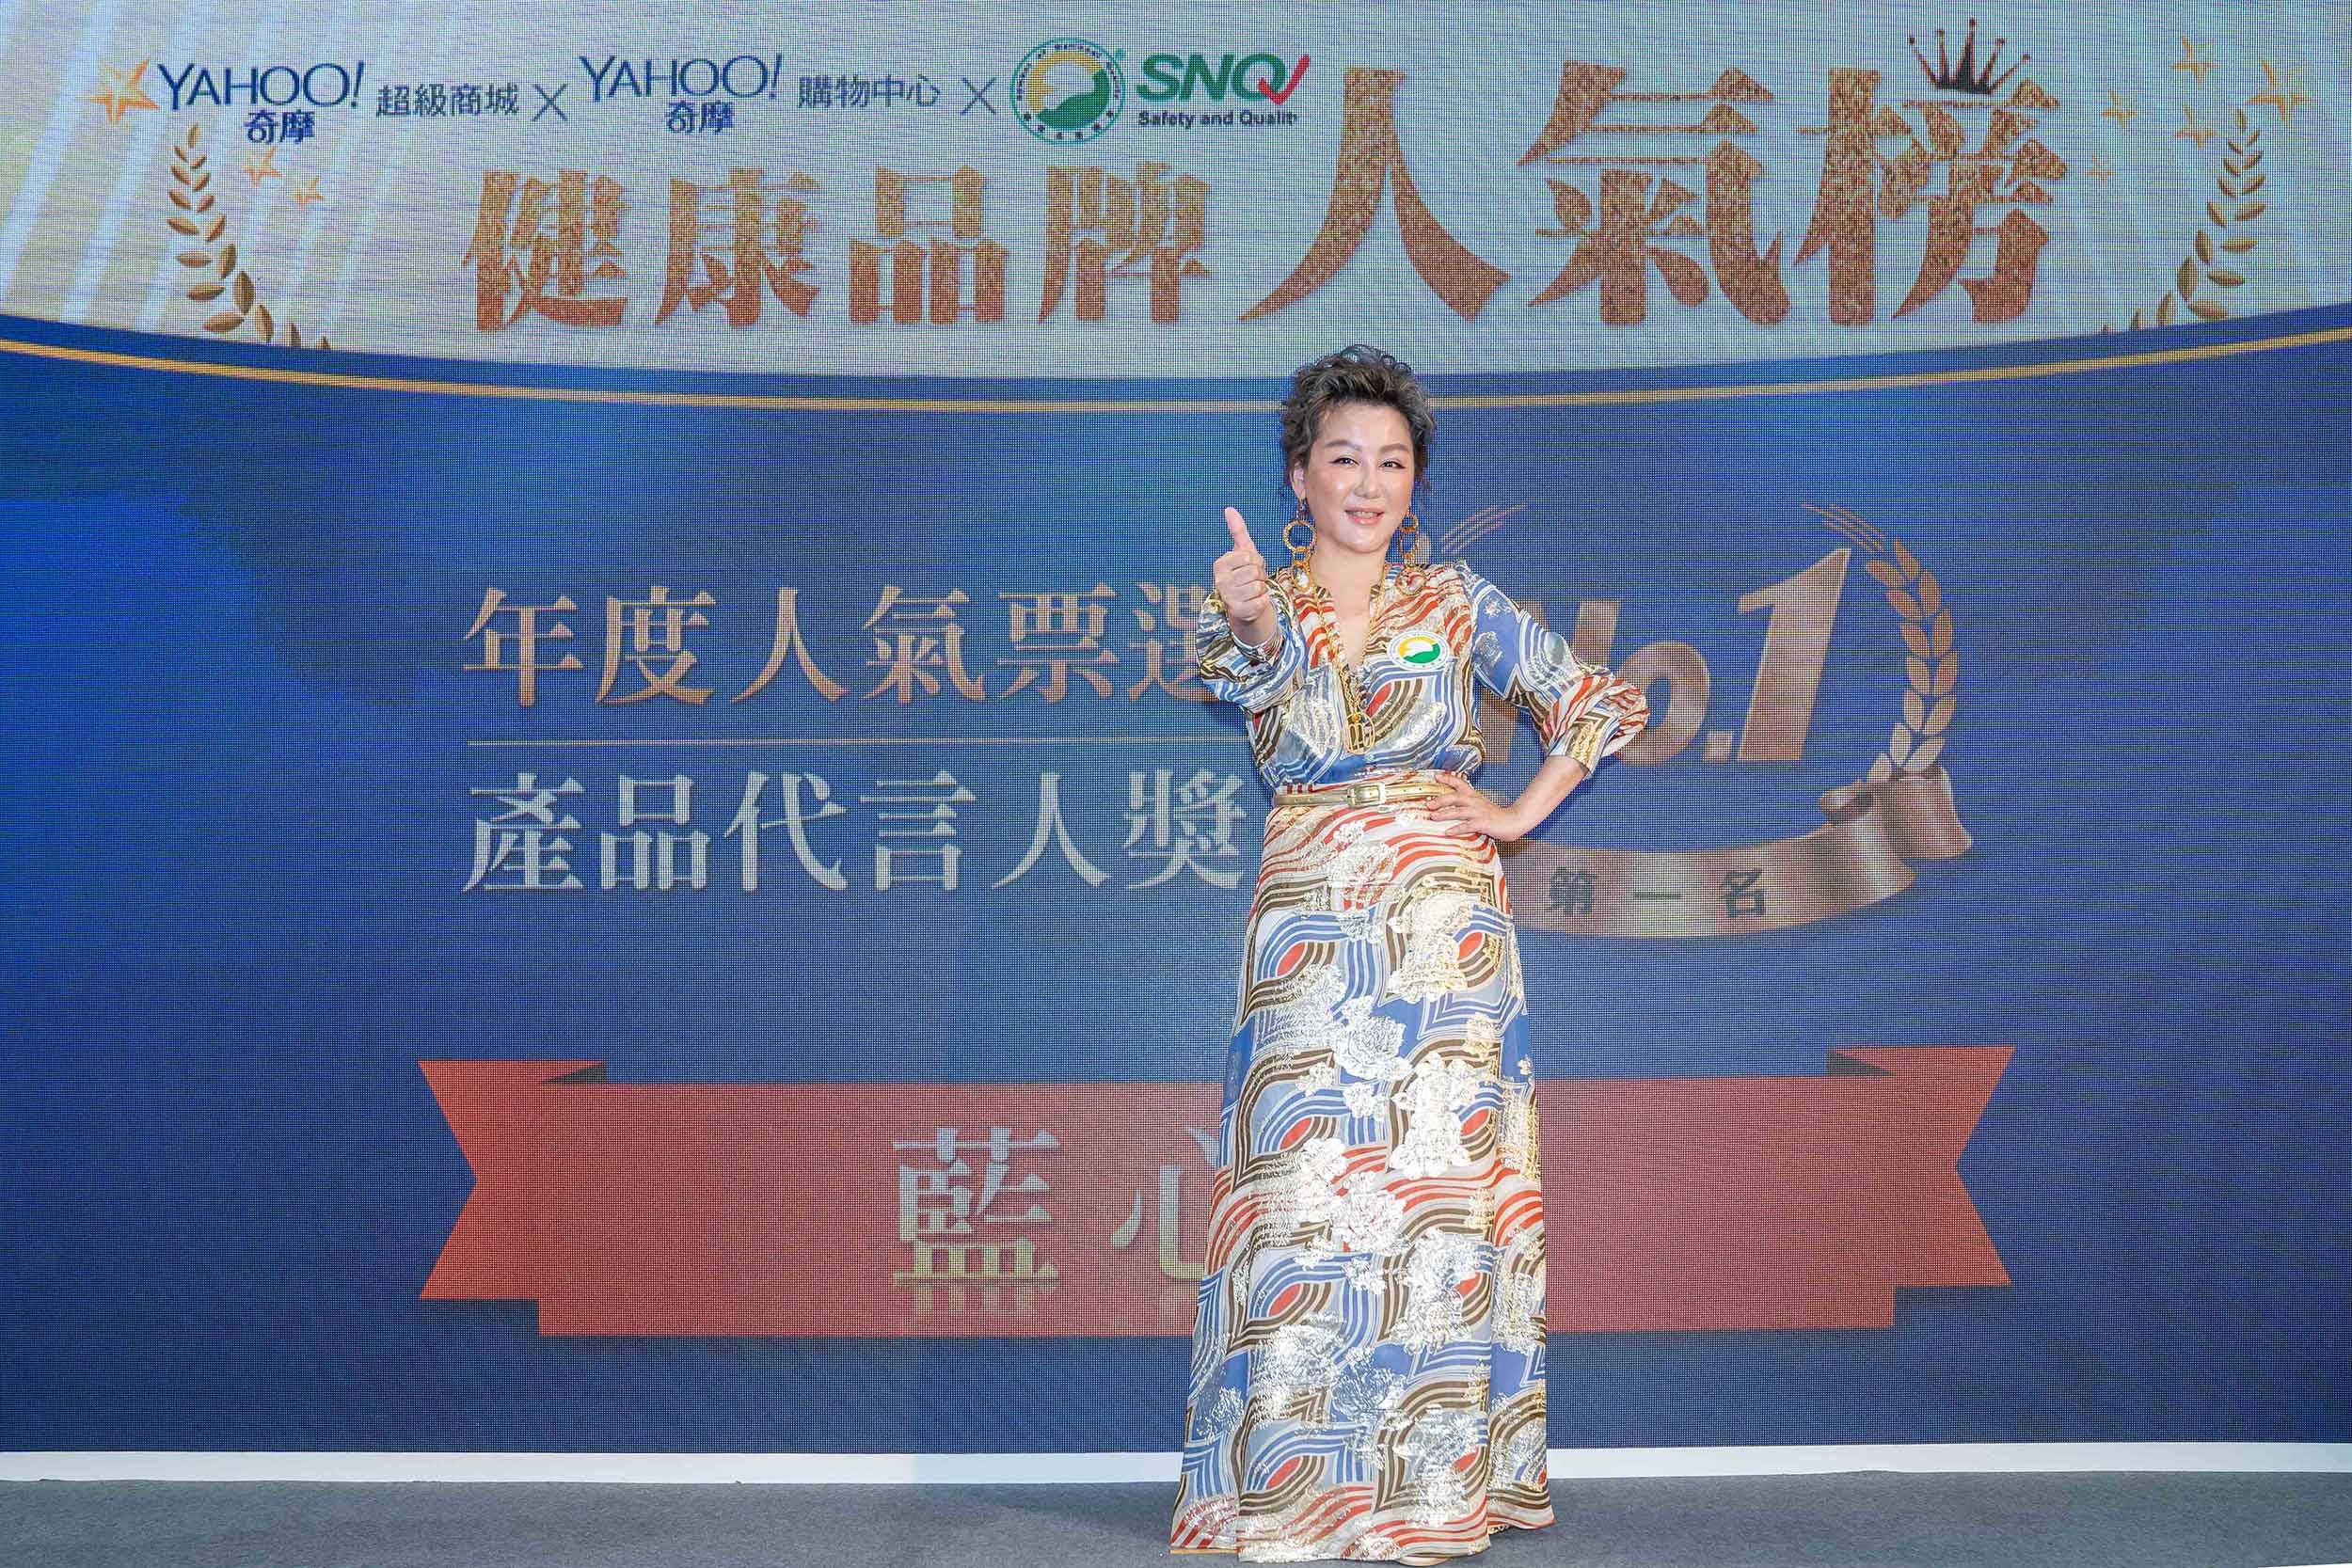 TVBS《女人我最大》主持人藍心湄代言享食尚滴雞精,是票選活動網友心目中第一名的代言人。